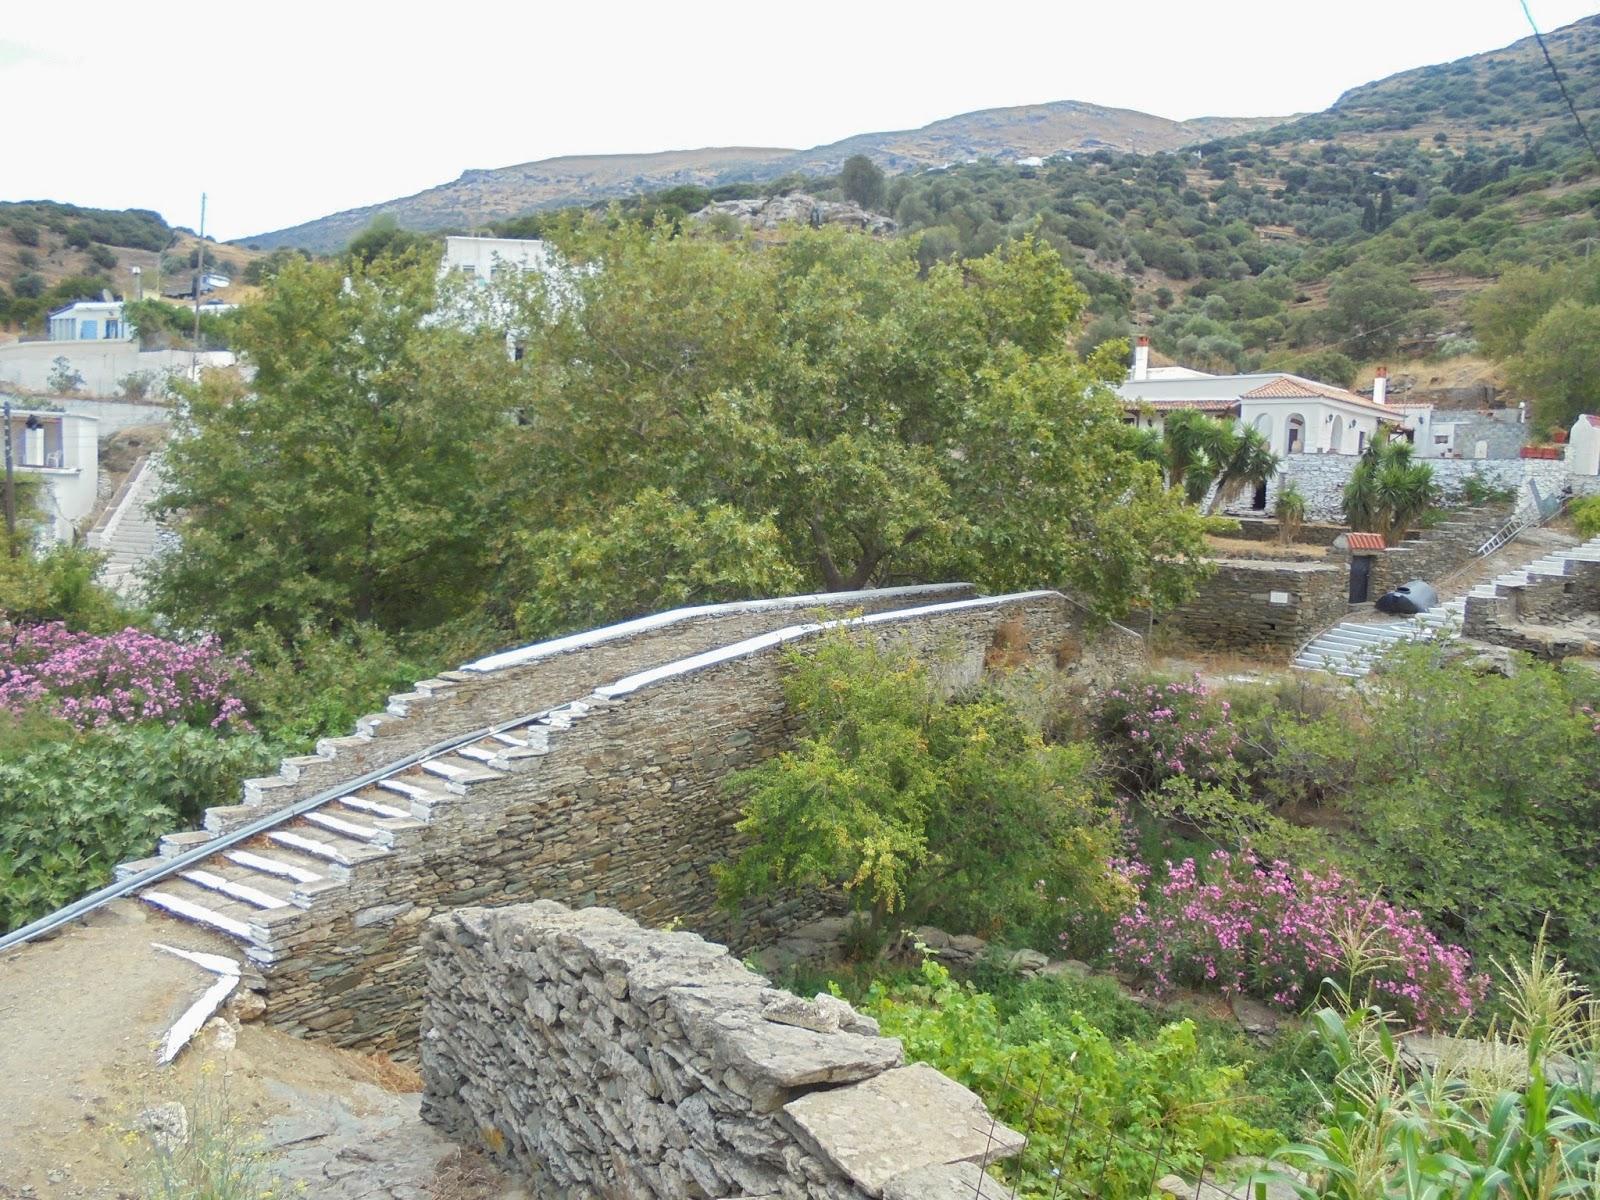 το πέτρινο γεφύρι στην Αλαδινού Άνδρου